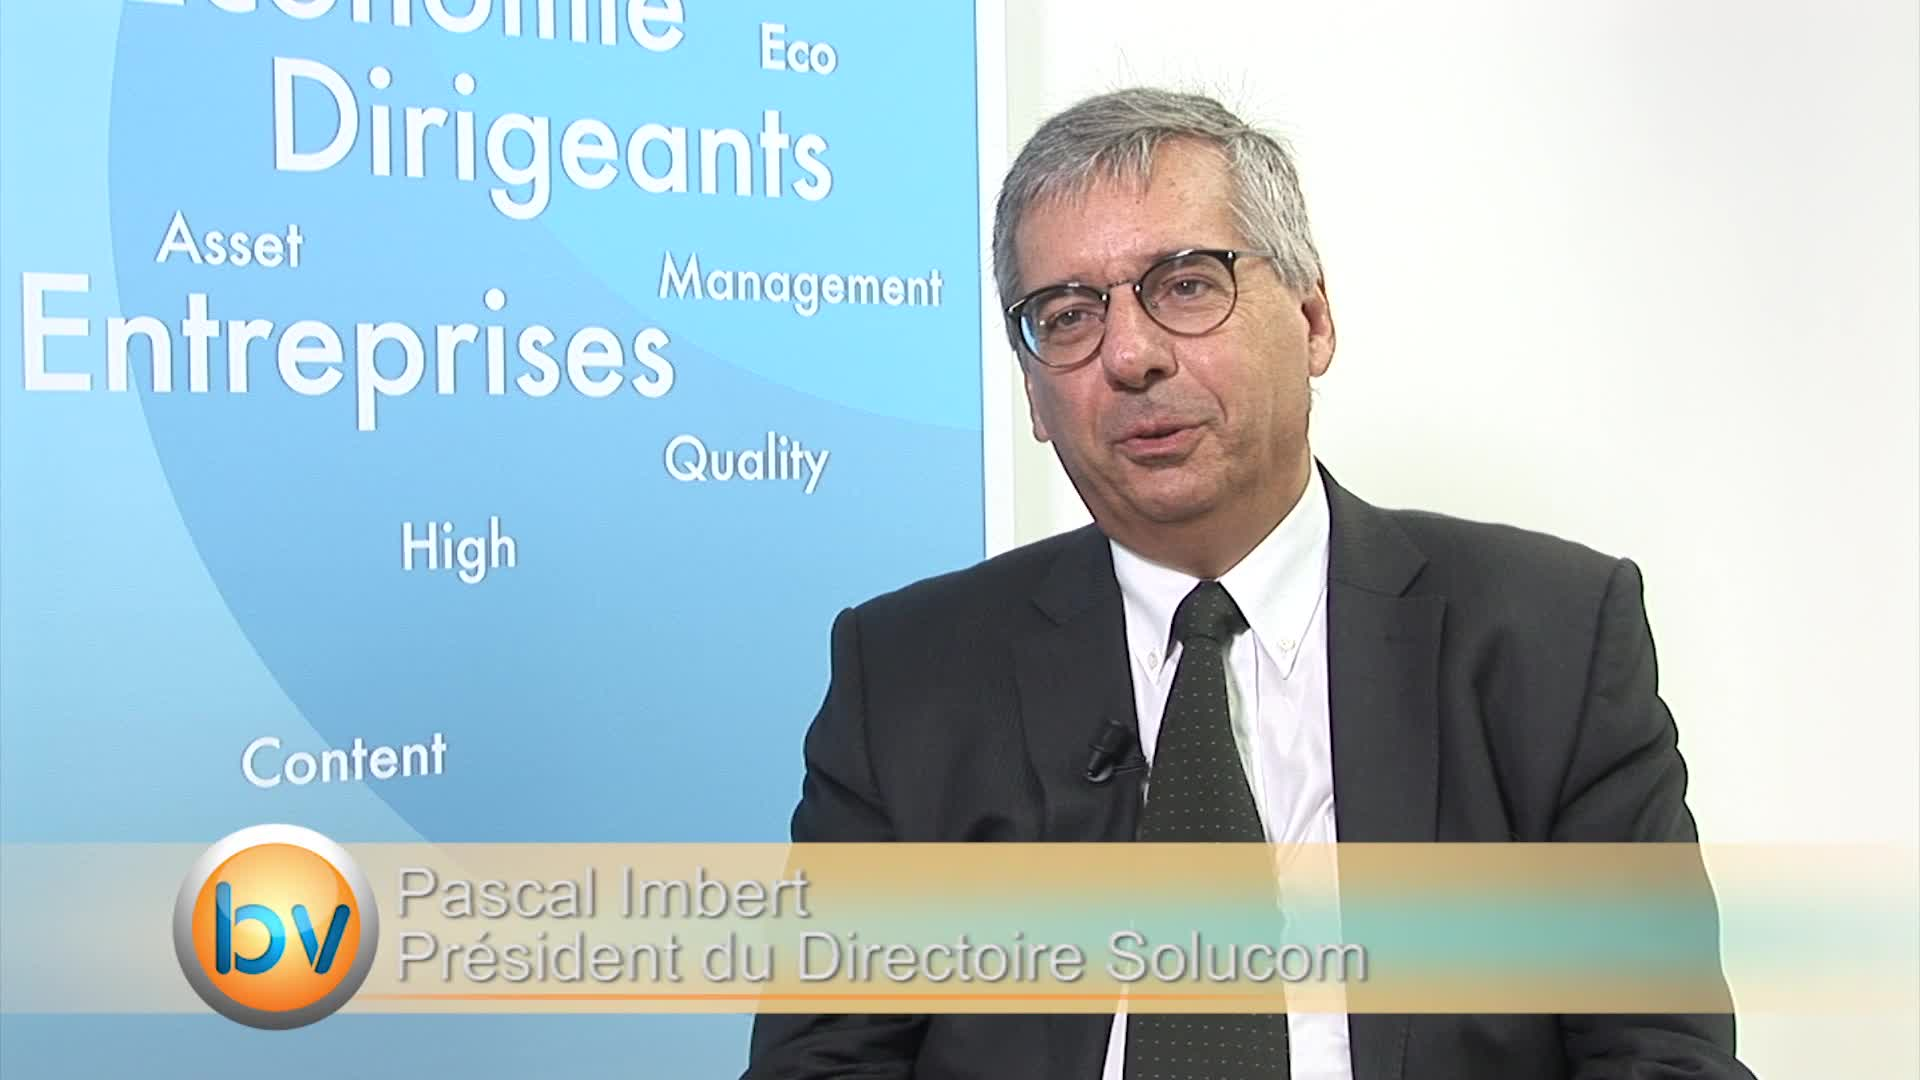 Pascal Imbert Président du Directoire Solucom : «Nous voulons avoir plus de 20% de notre activité à l'international»